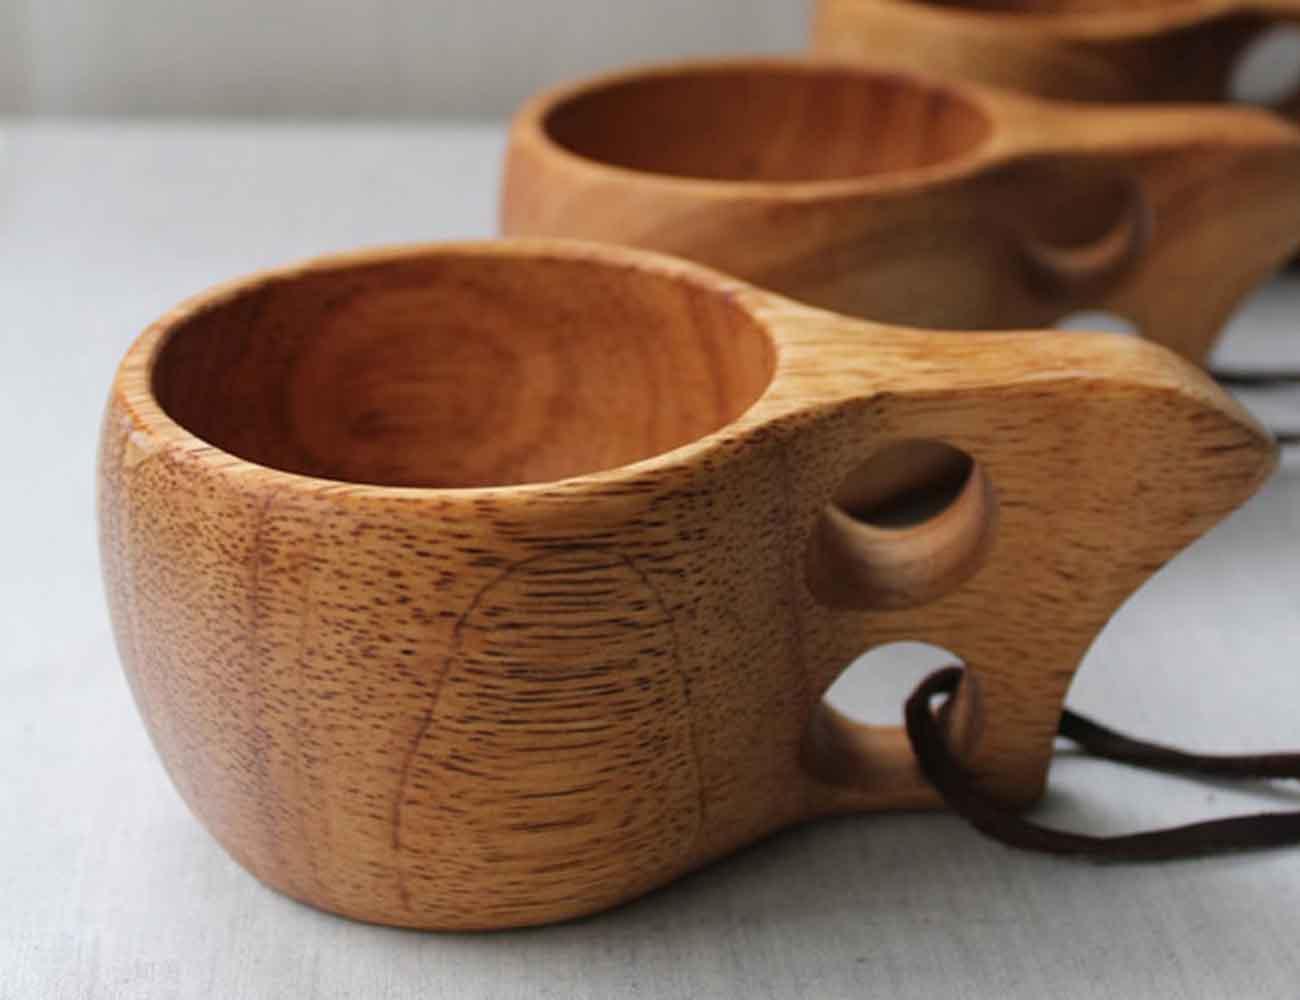 Wooden Kuksa Camping Mug